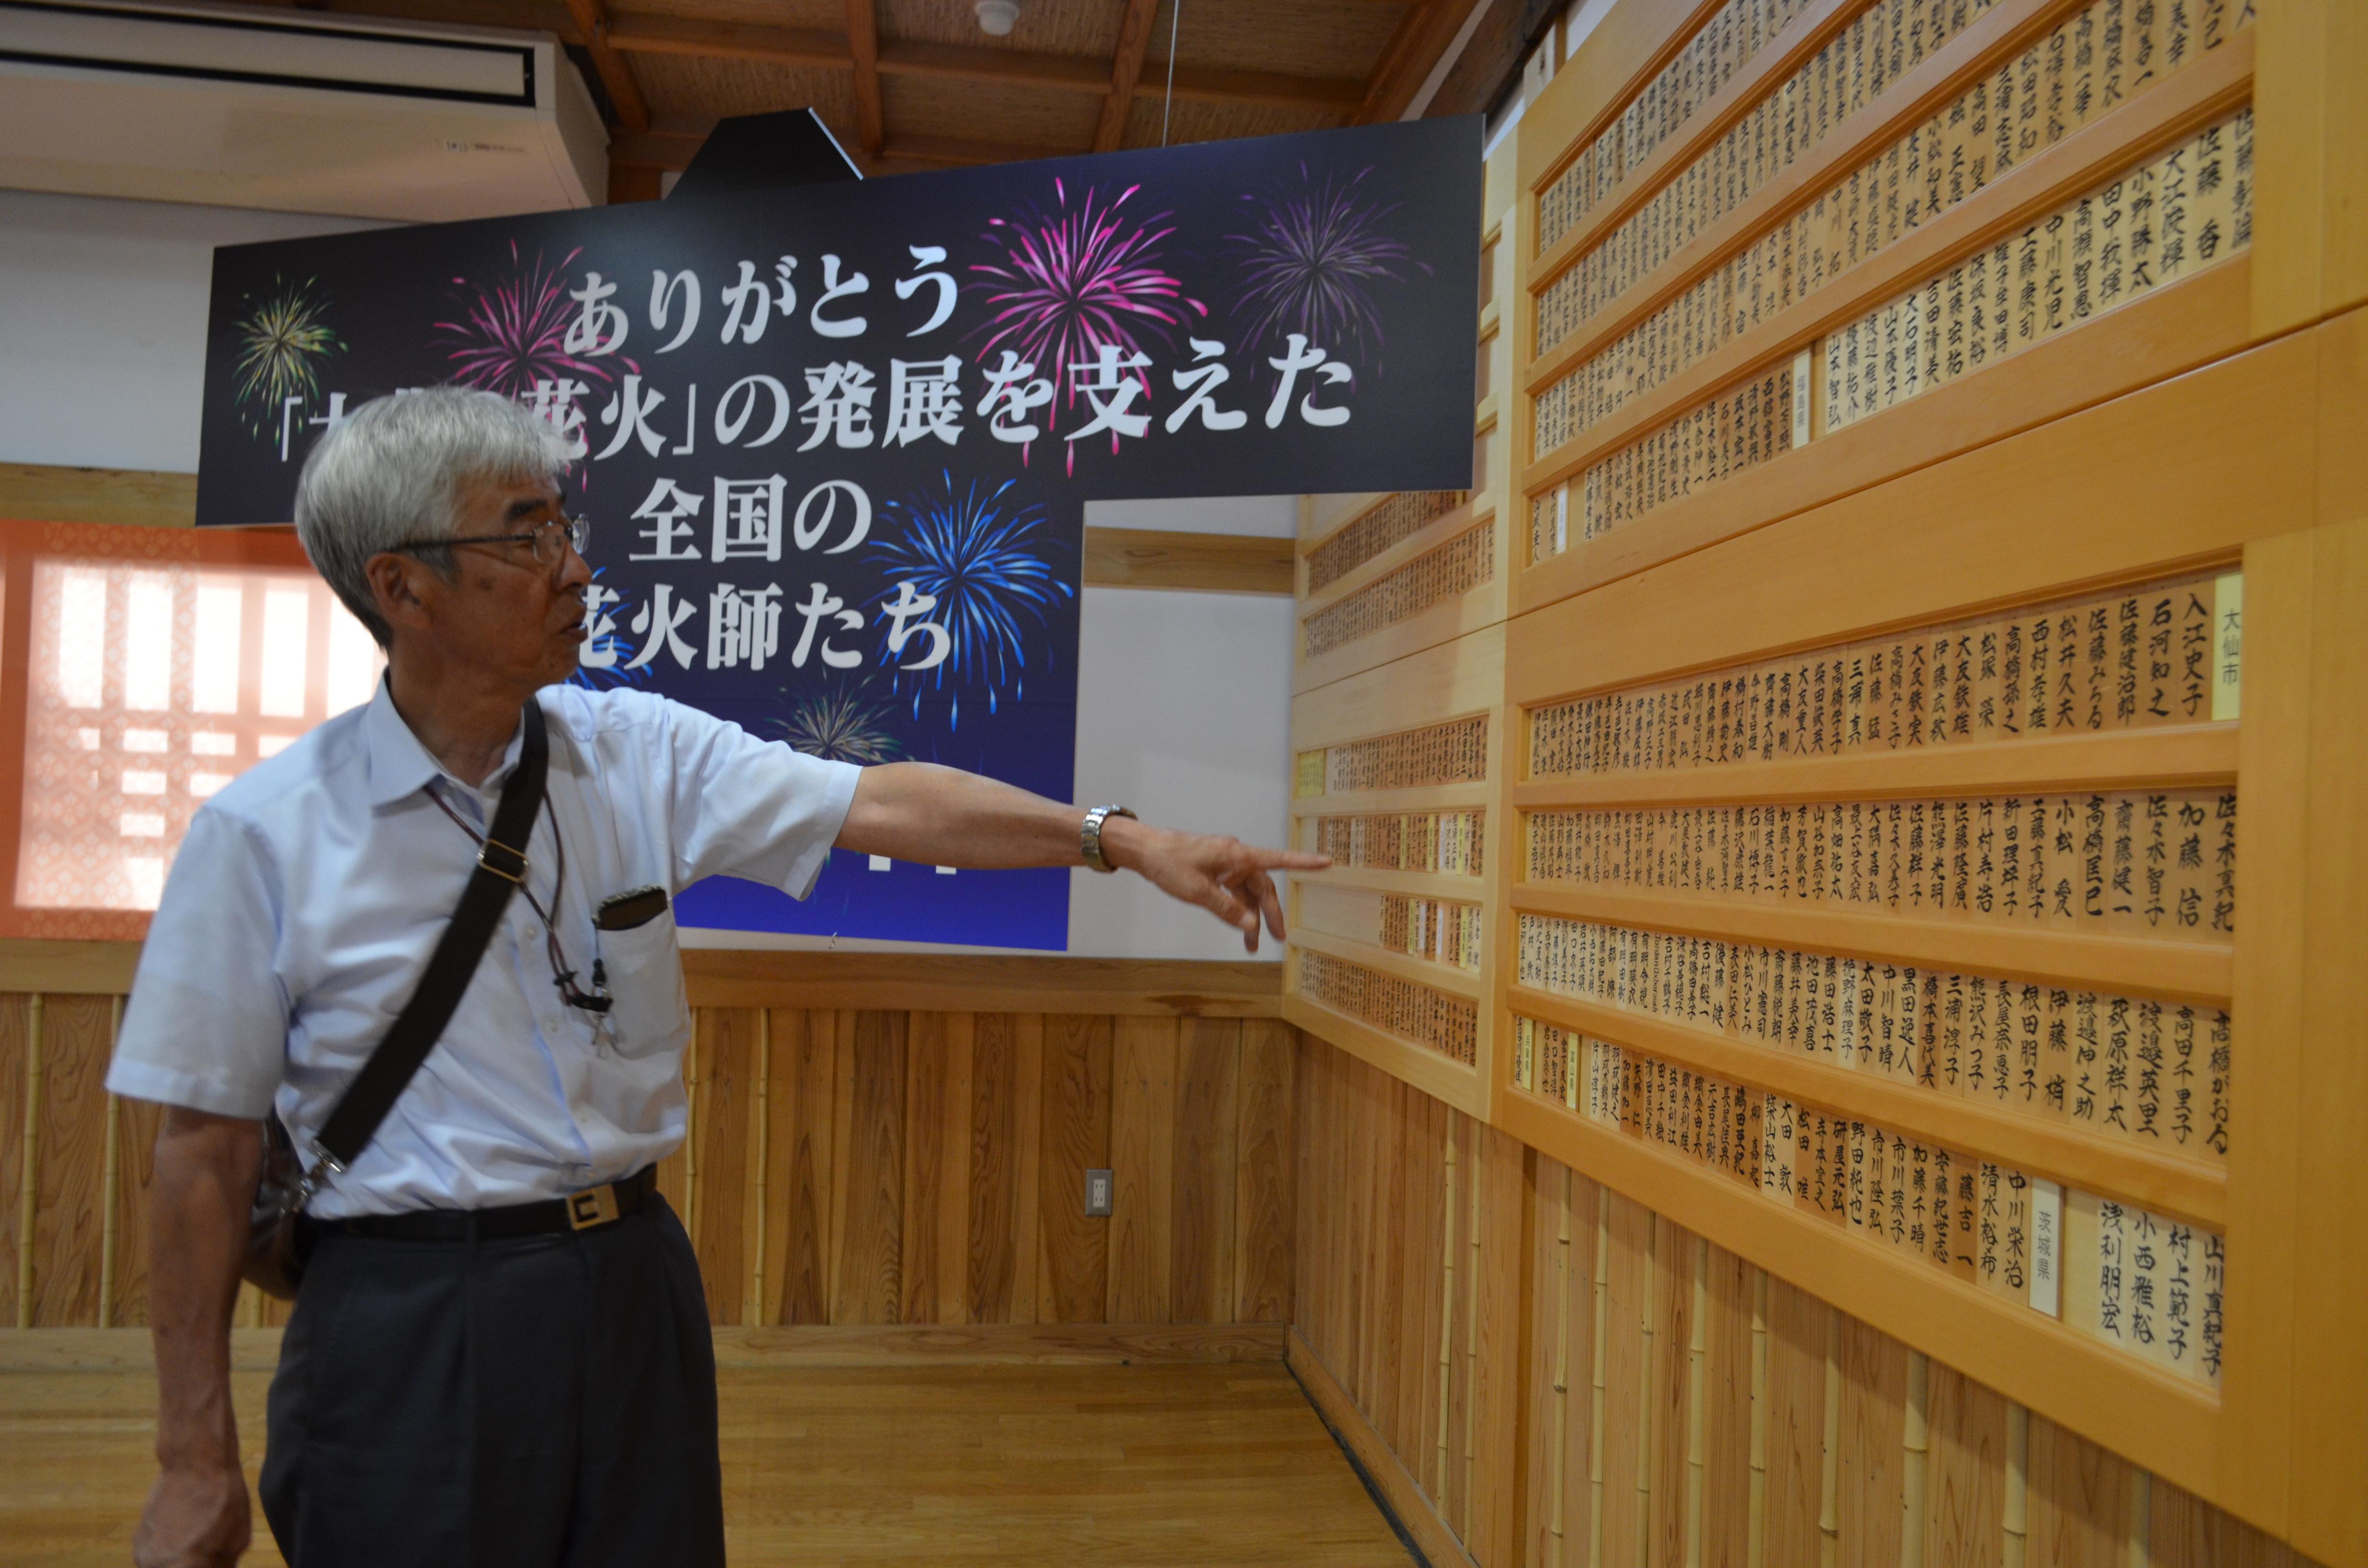 花火伝統文化継承資料館別館で展示されている花火鑑賞士の木札